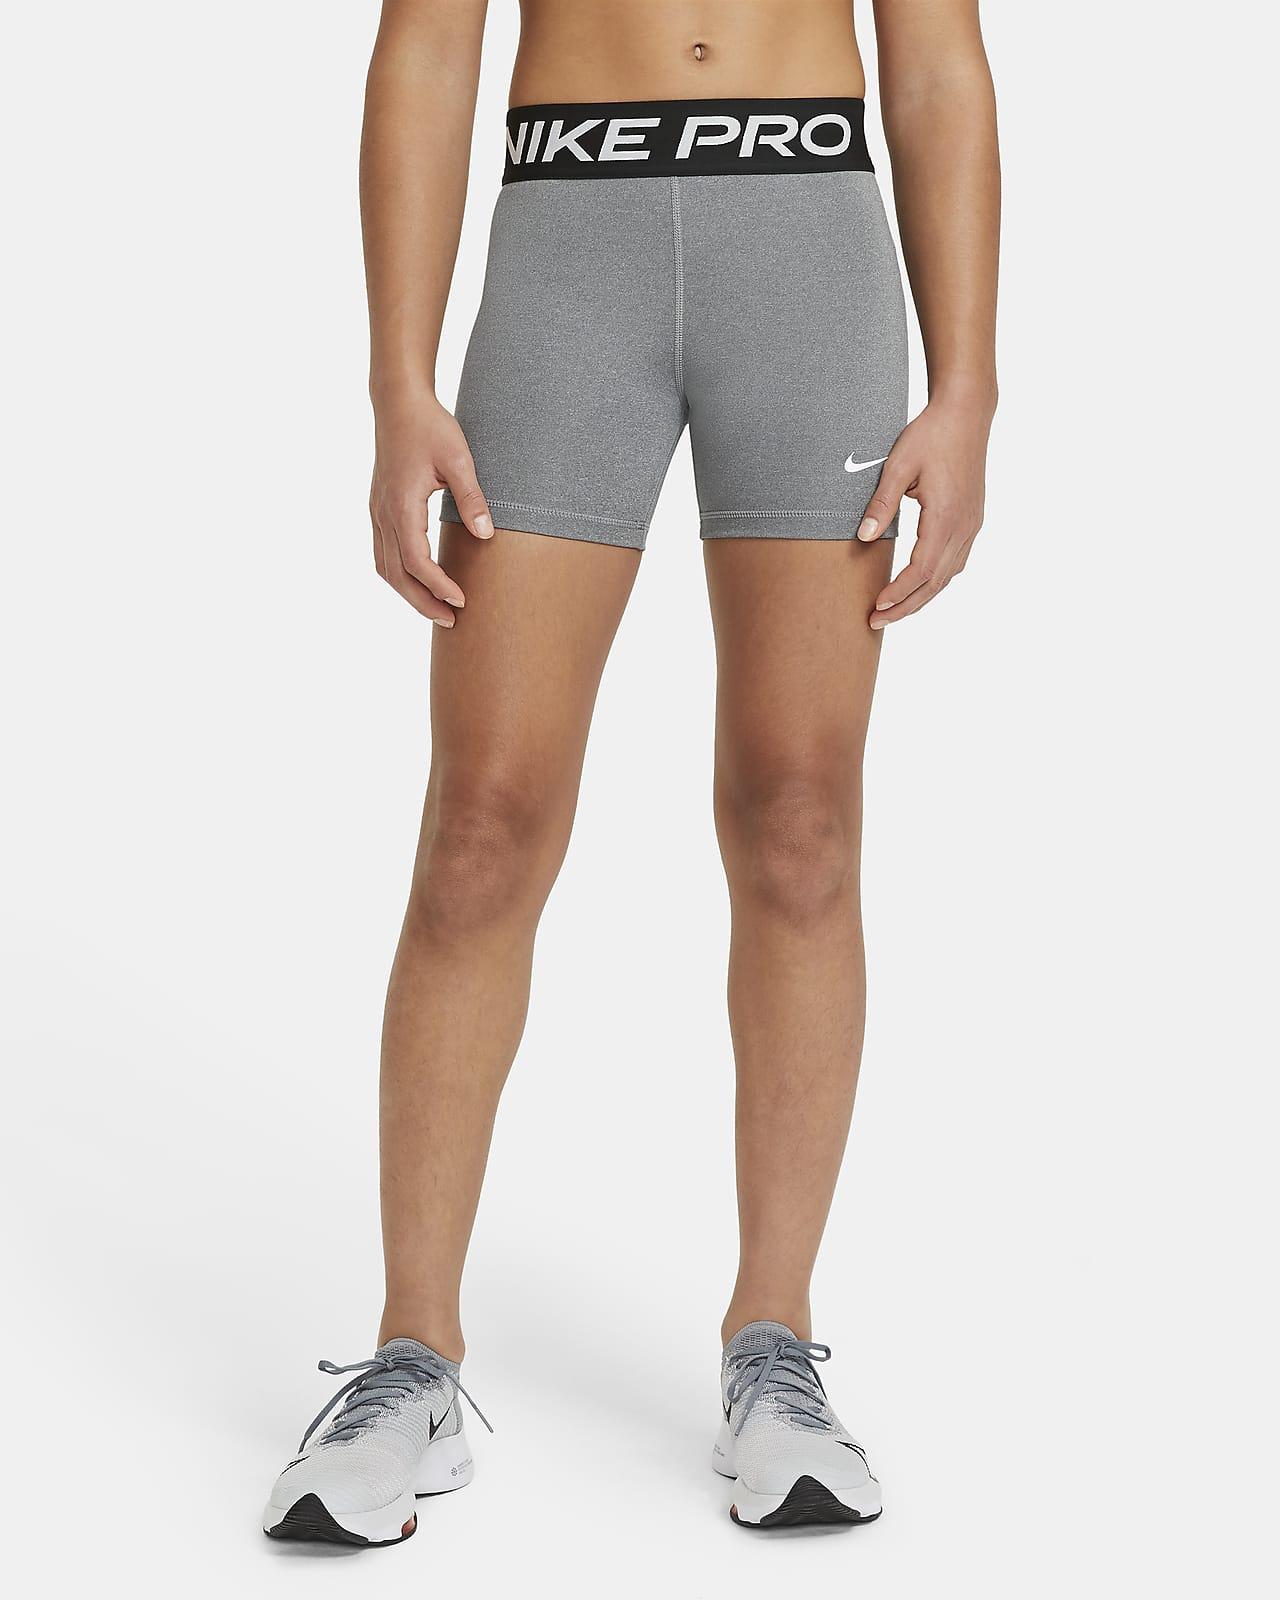 Nike Pro Older Kids' (Girls') Shorts